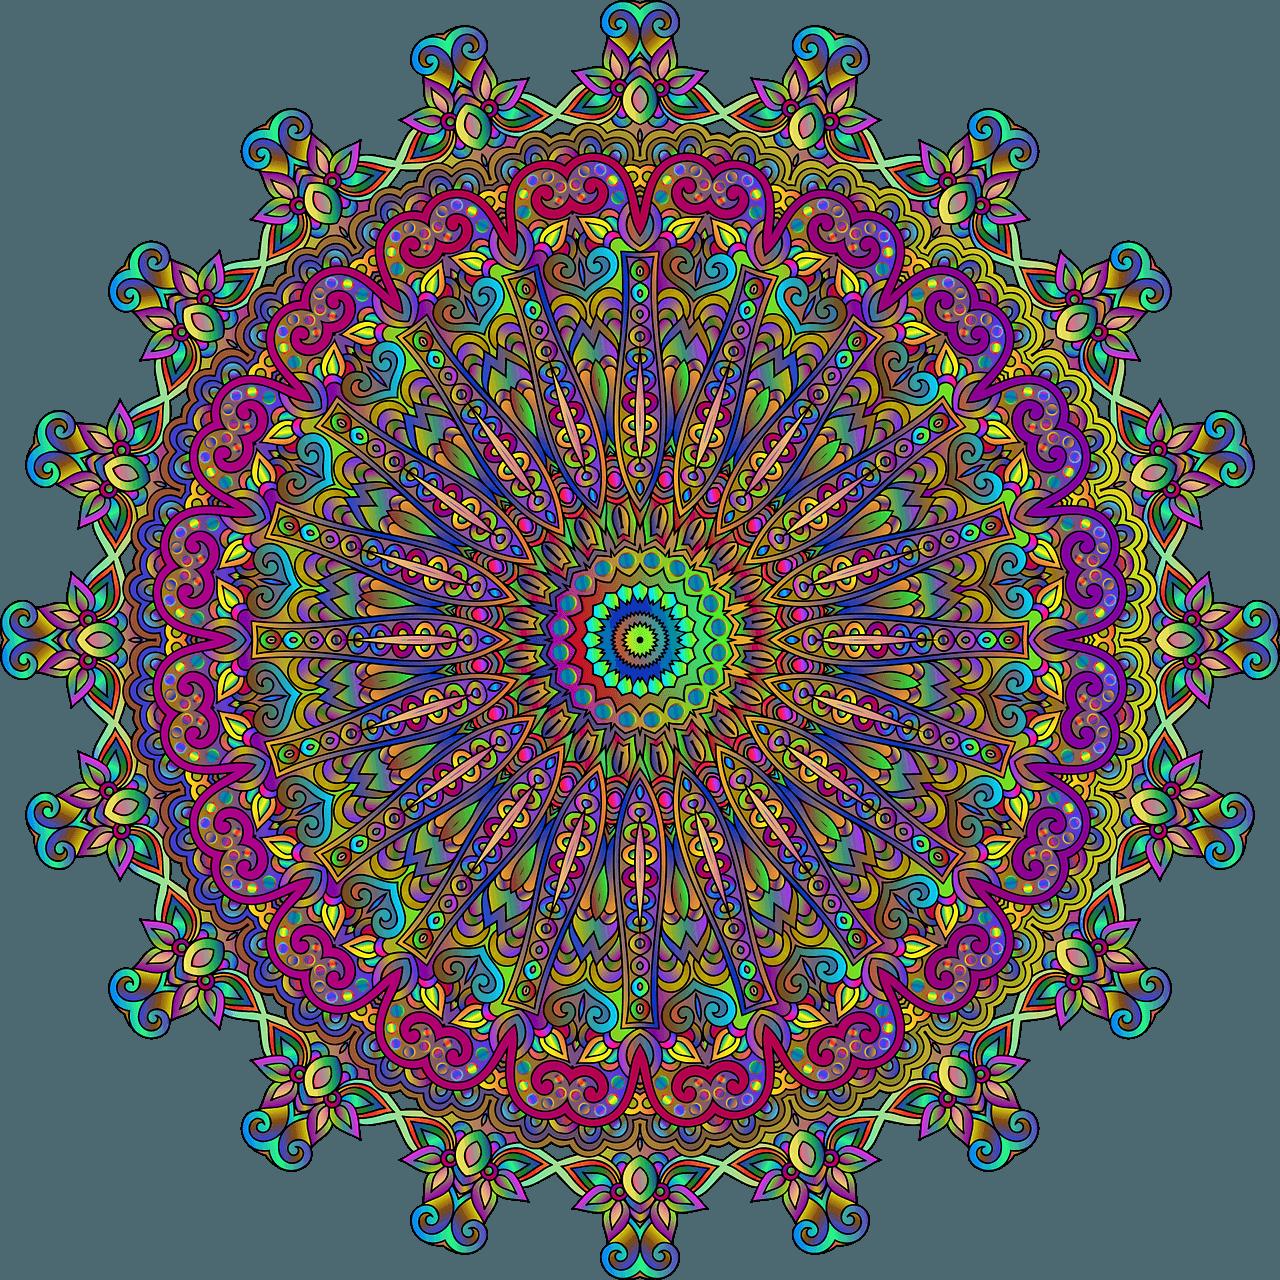 mandala-4900505_1280